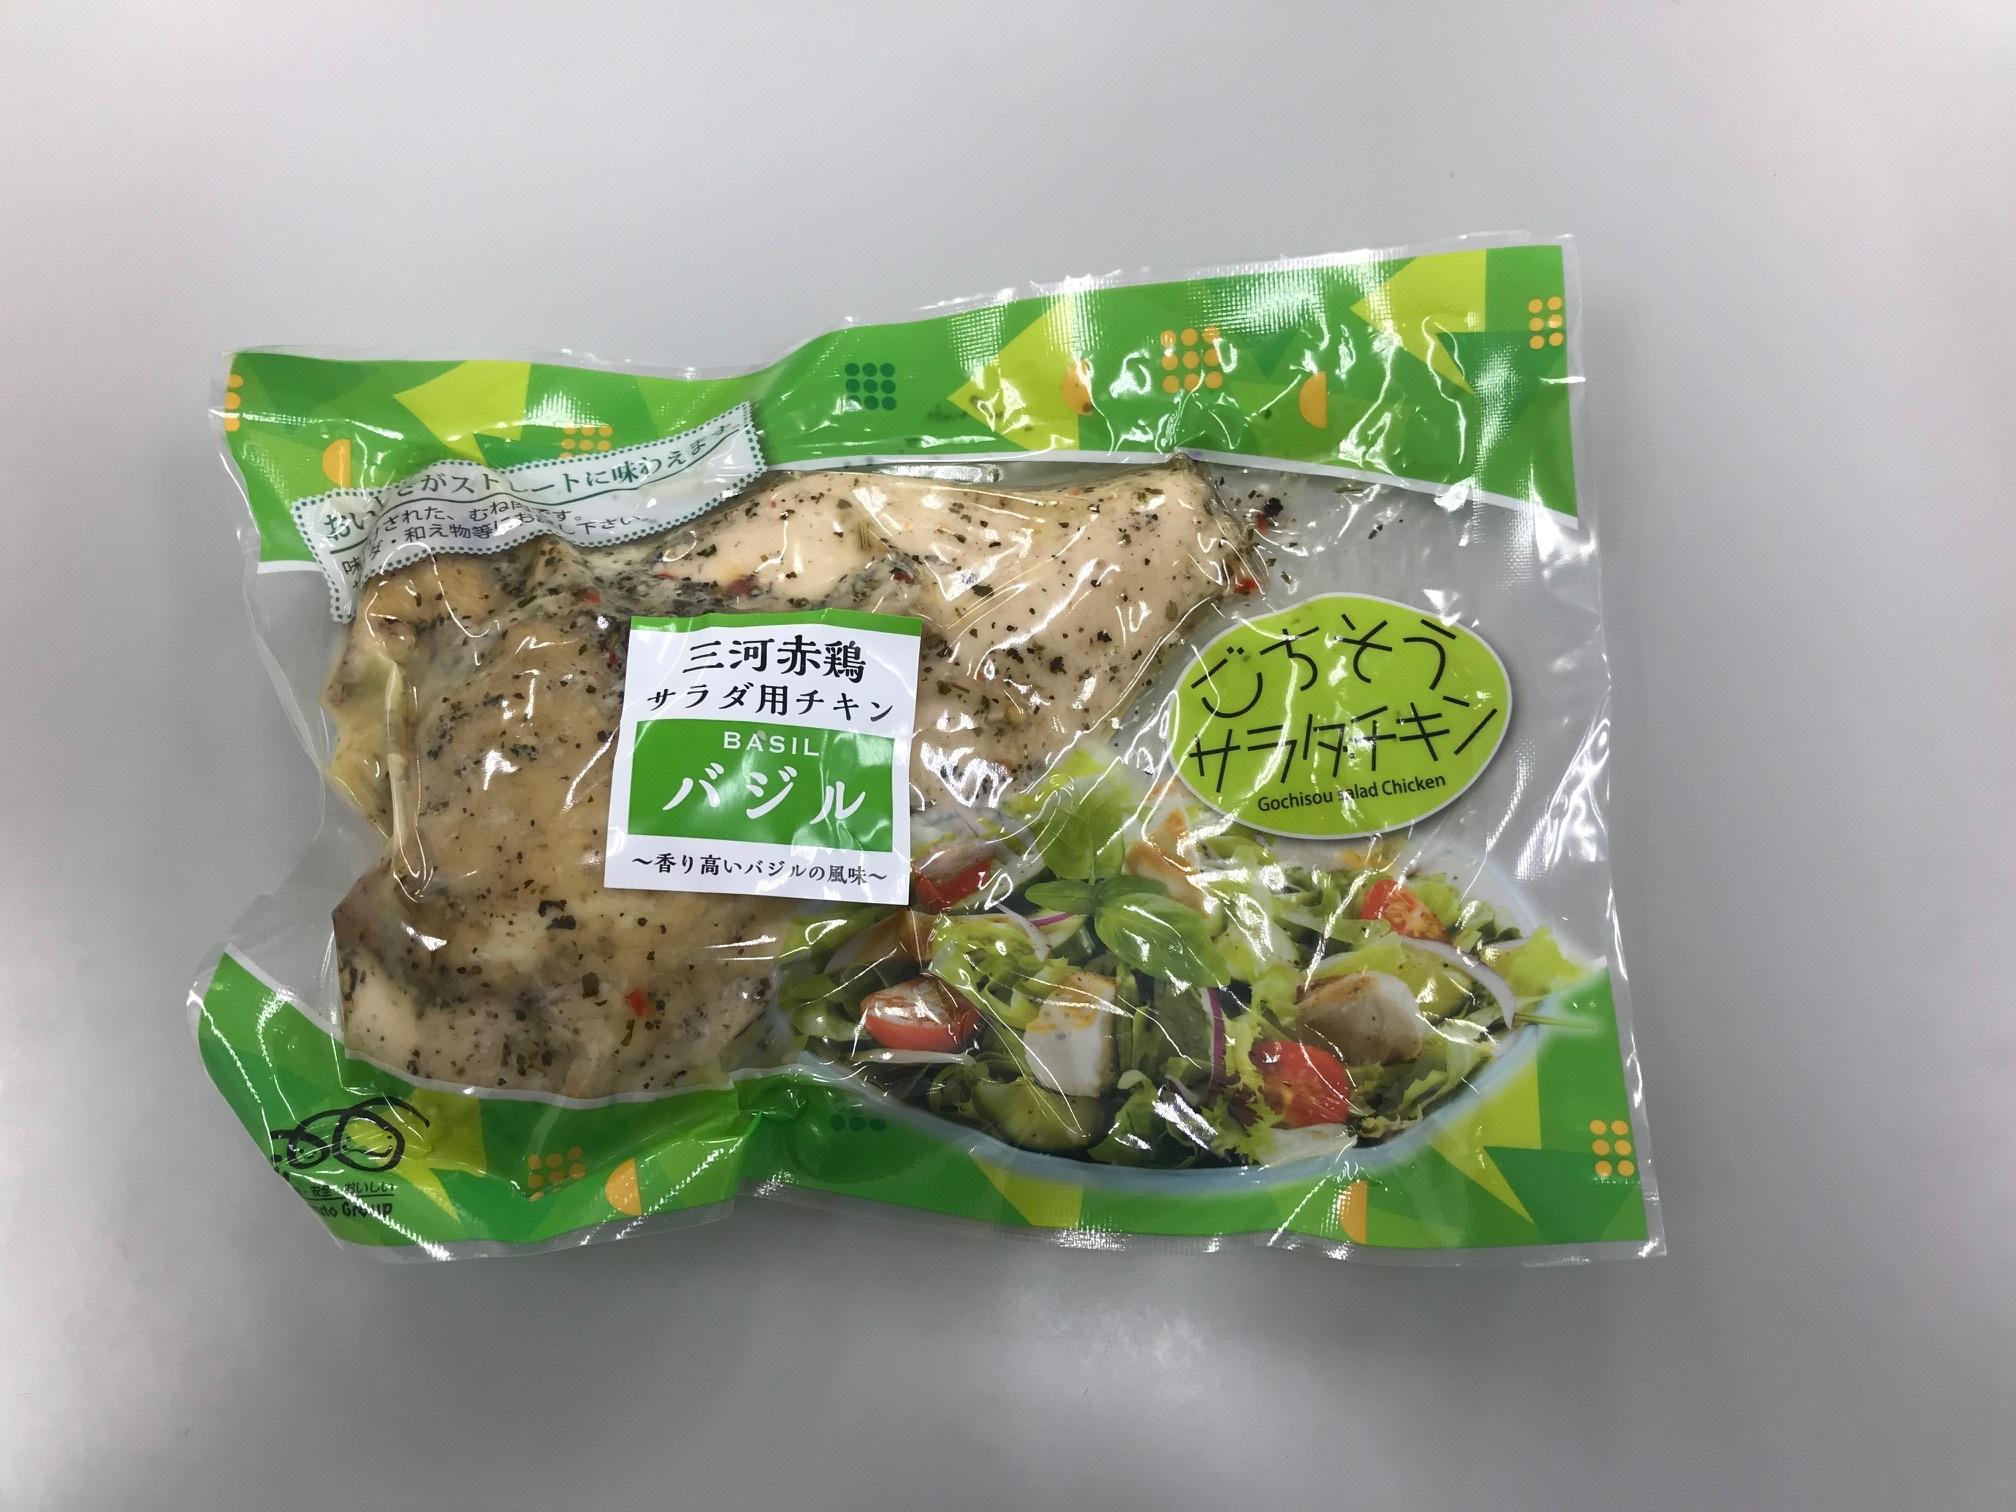 (チルド)三河赤鶏 サラダチキン バジル味 1枚